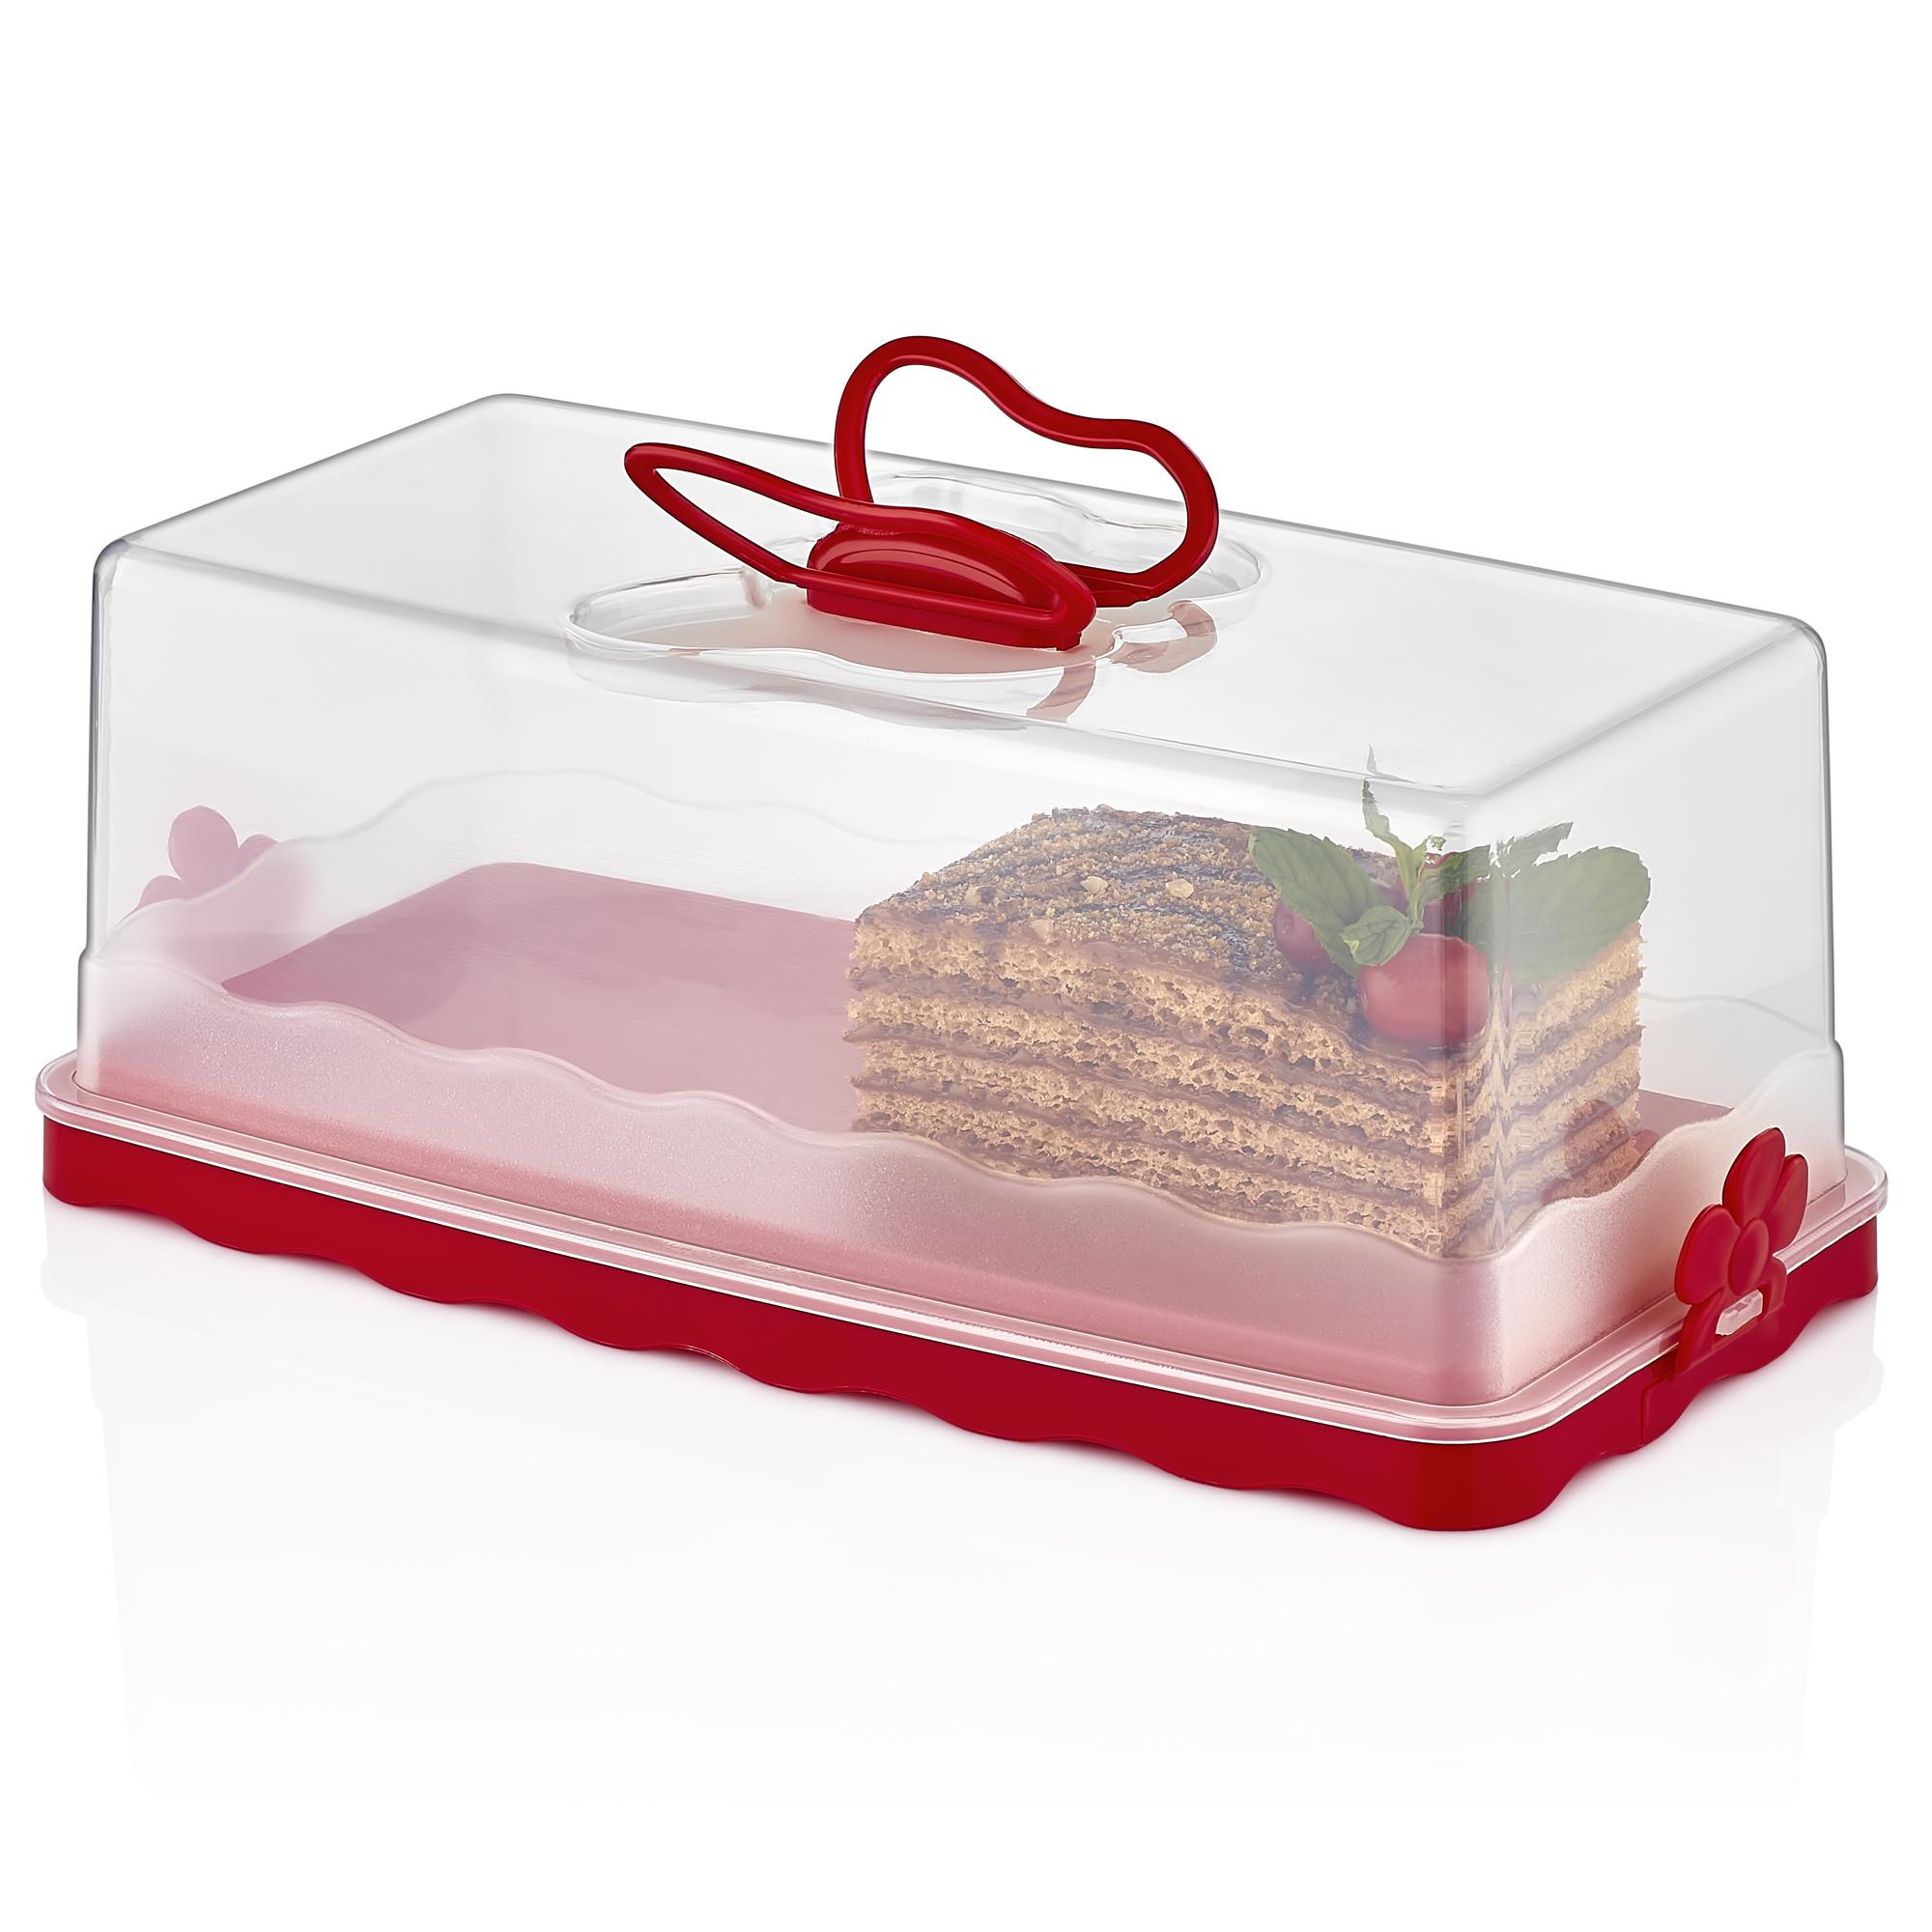 Herzberg HG-L575 : Dôme à gâteau bâton Rouge